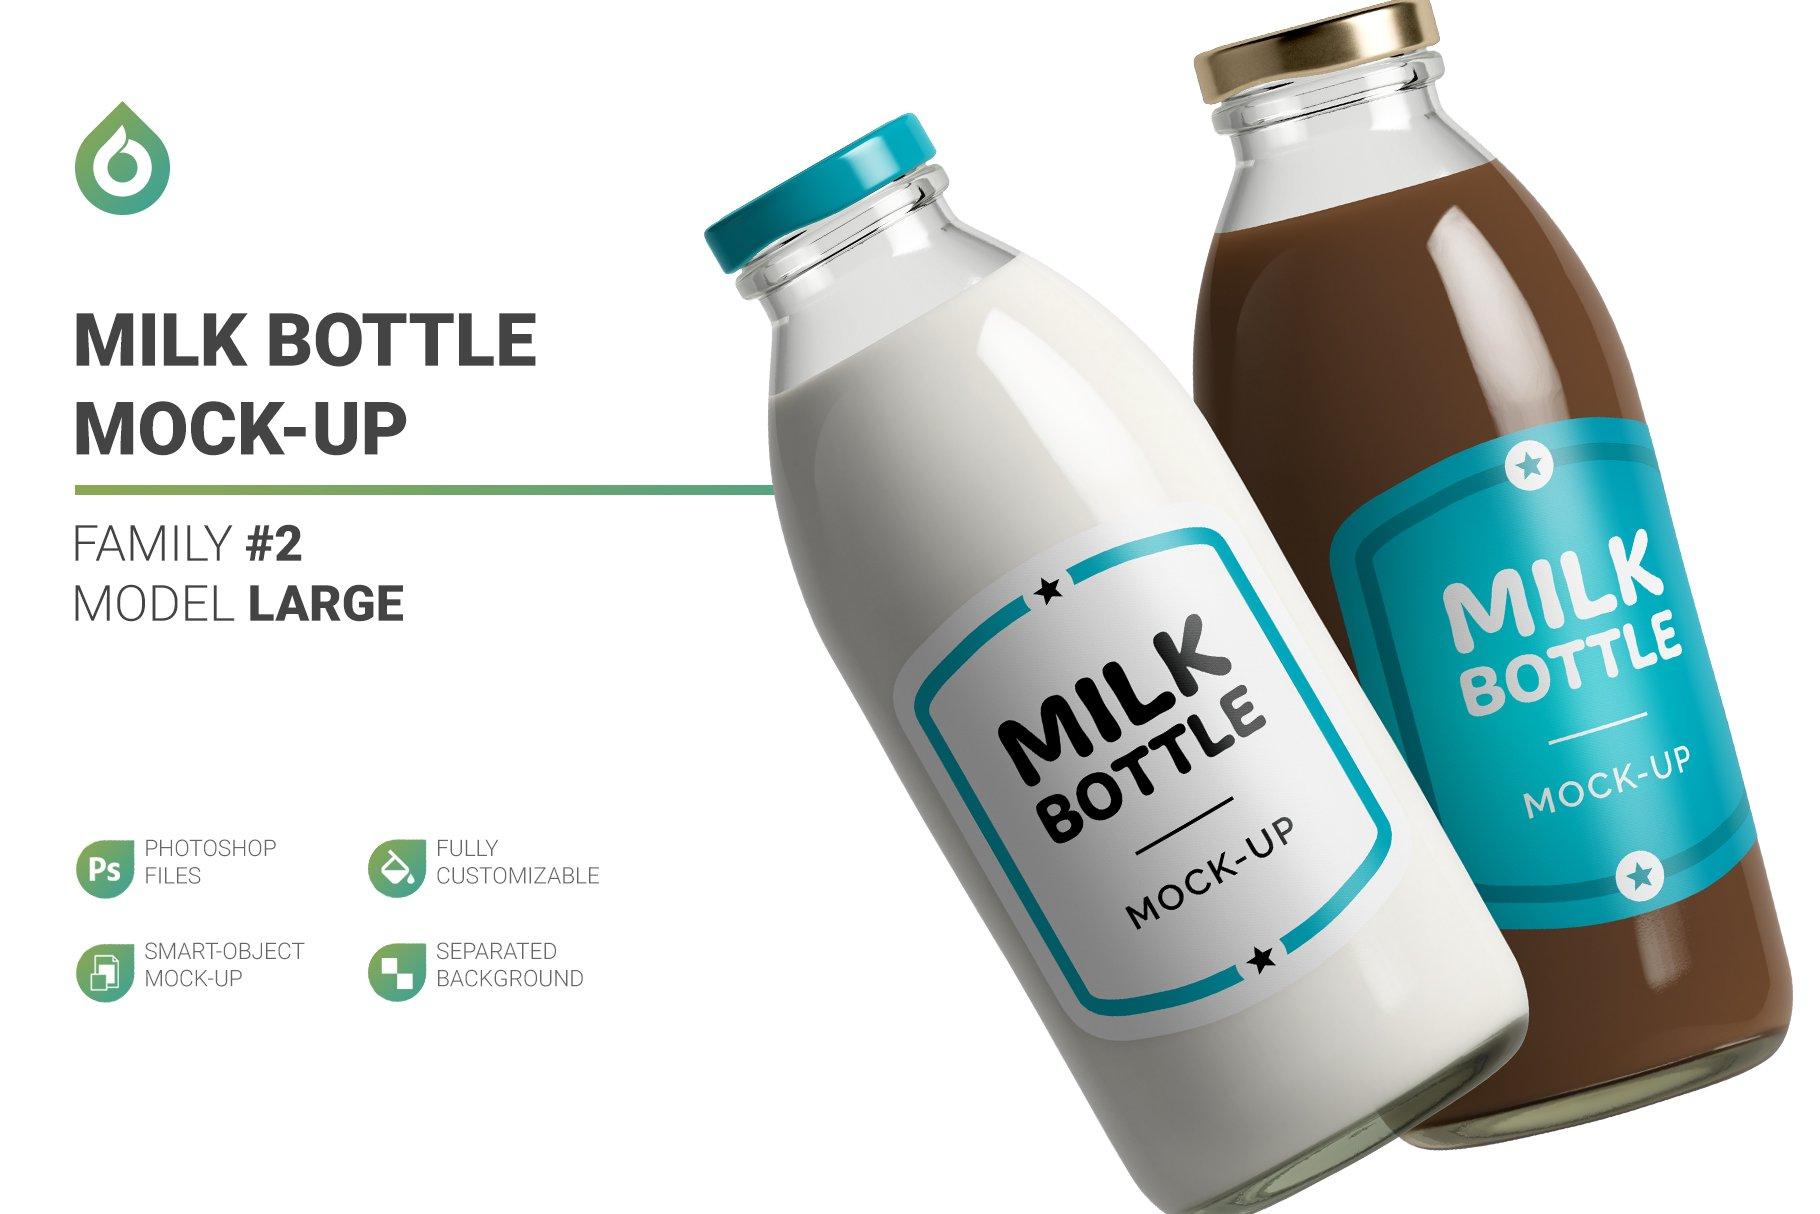 高分辨率鲜奶玻璃瓶设计展示贴图样机 Milk Cocoa Bottle Mockup插图